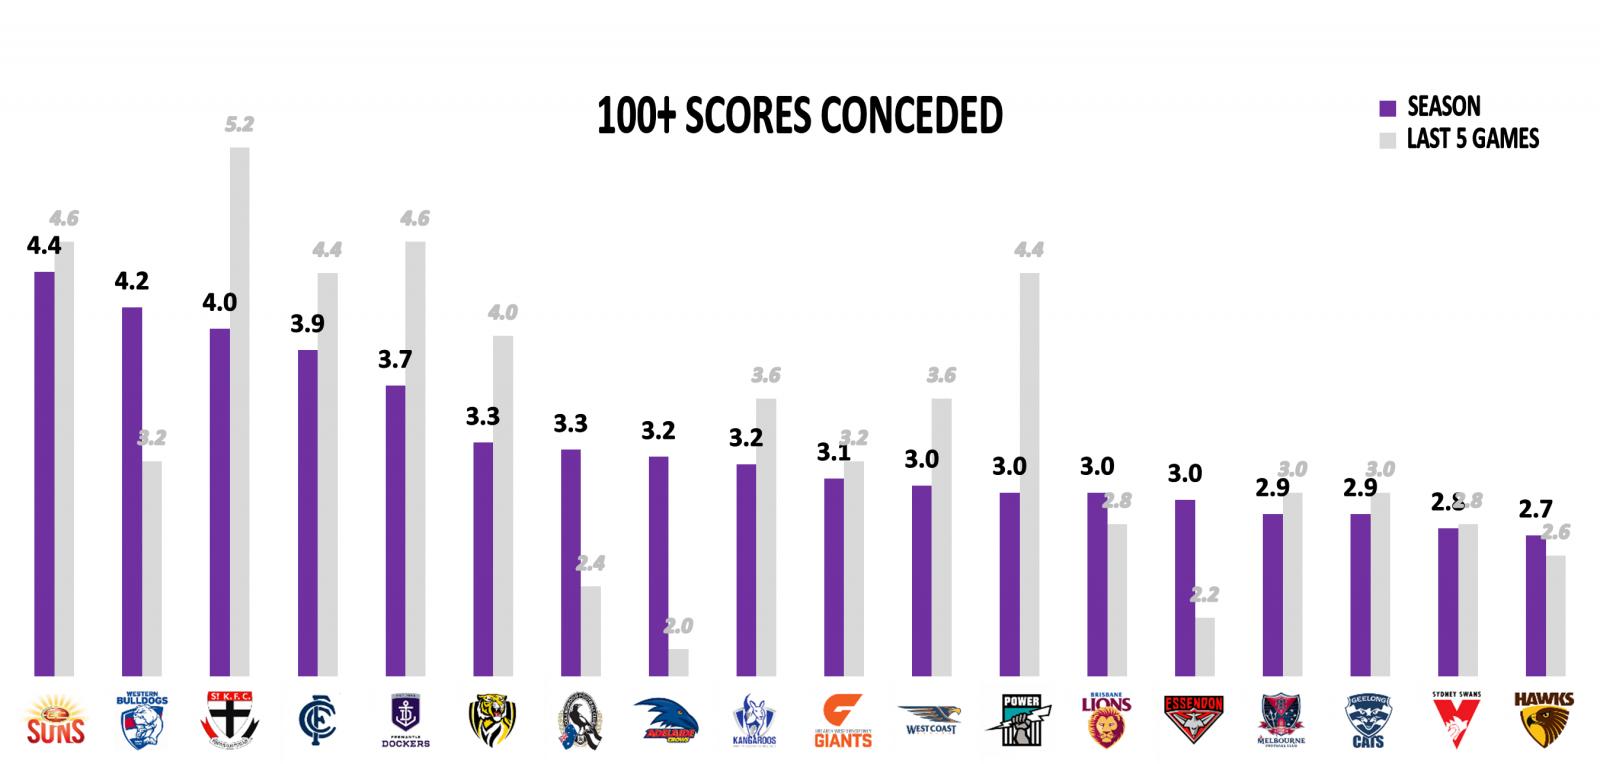 100+ scores against